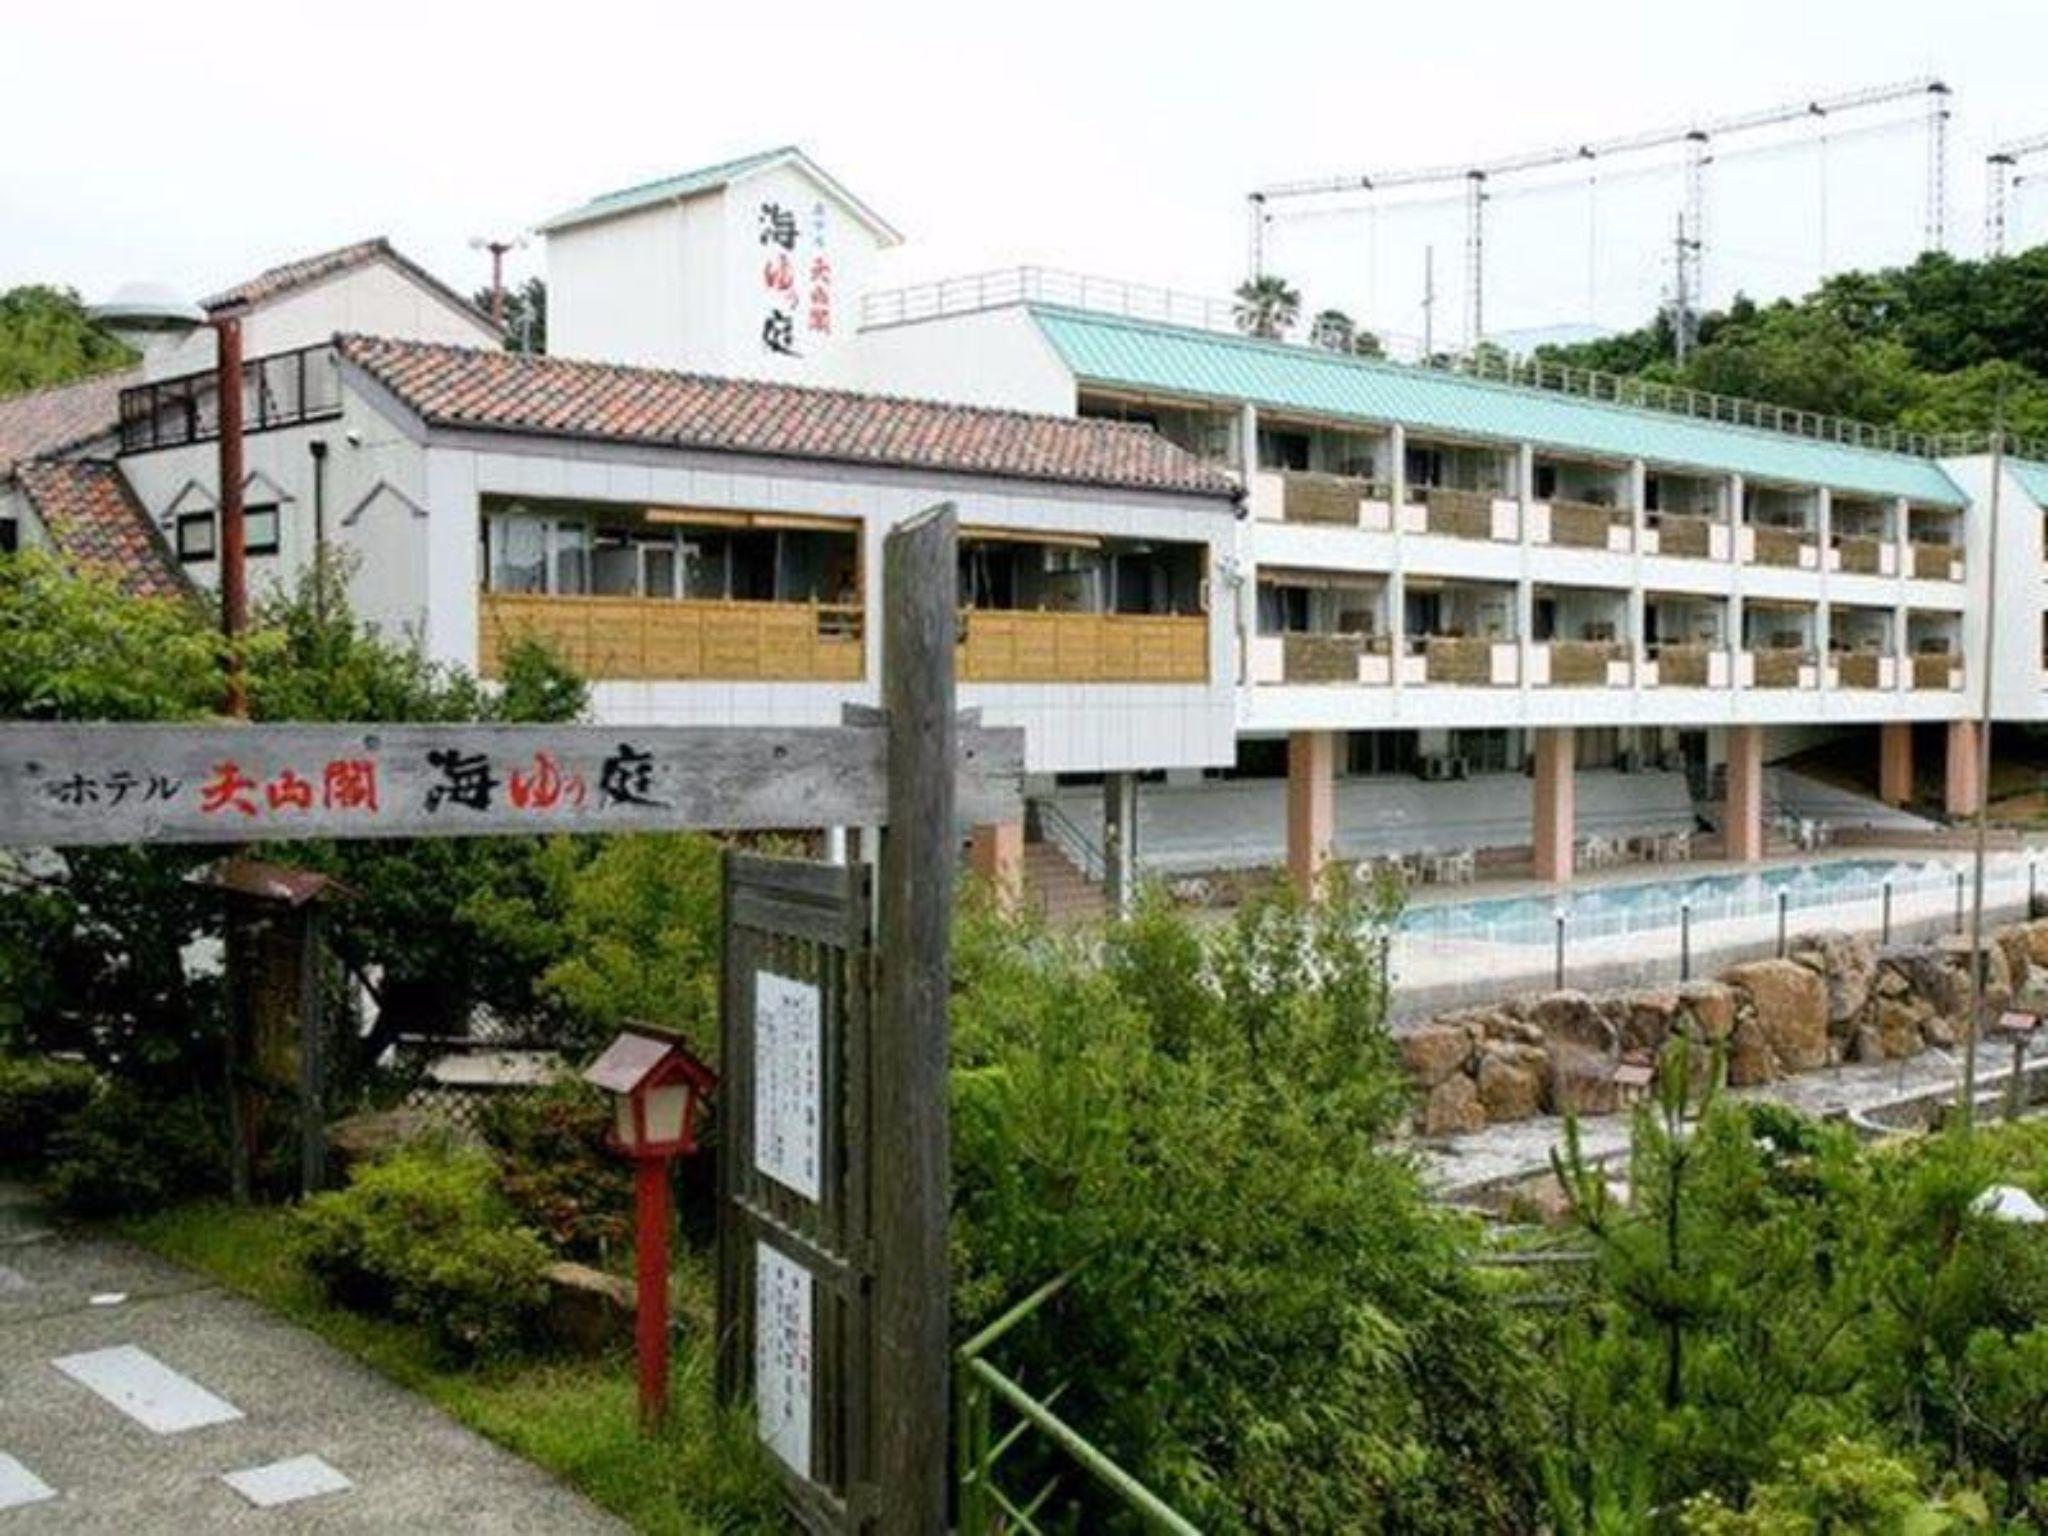 Shirahama Onsen Hotel Tenzankaku Kaiyutei, Shirahama